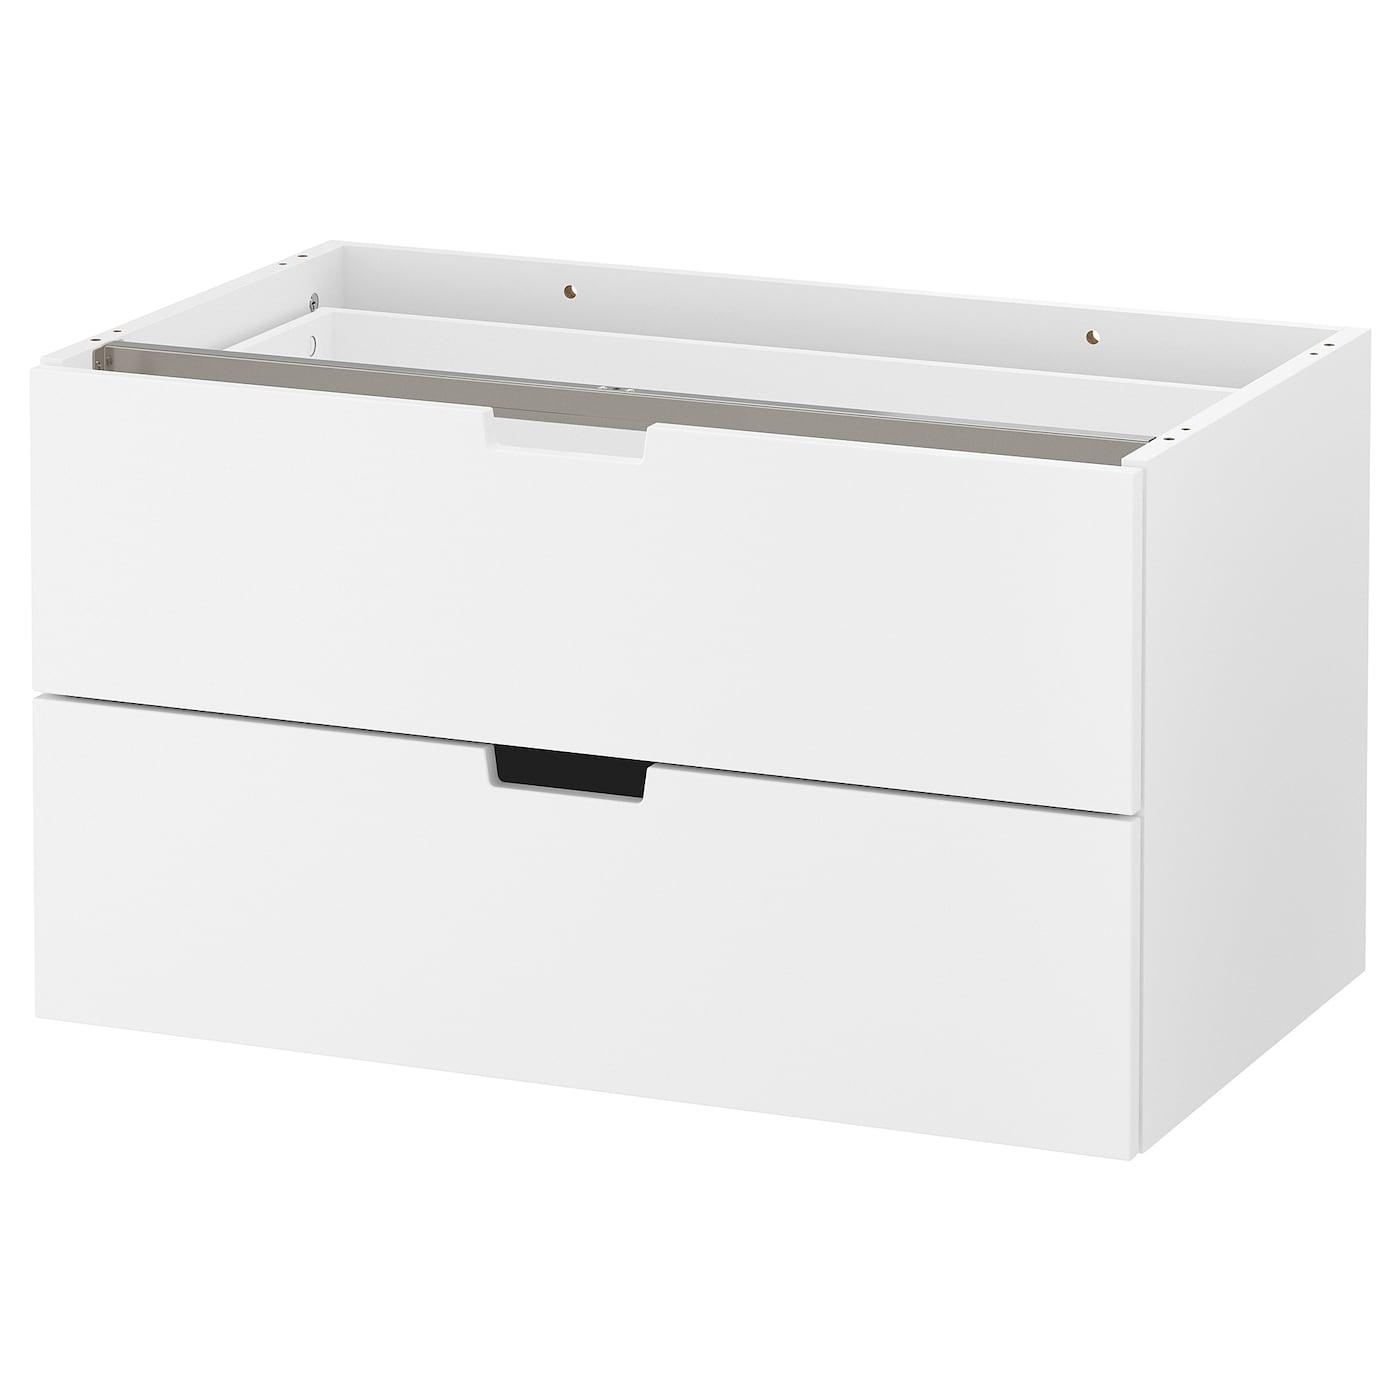 IKEA NORDLI biała komoda modułowa z dwiema szufladami, 80x45 cm